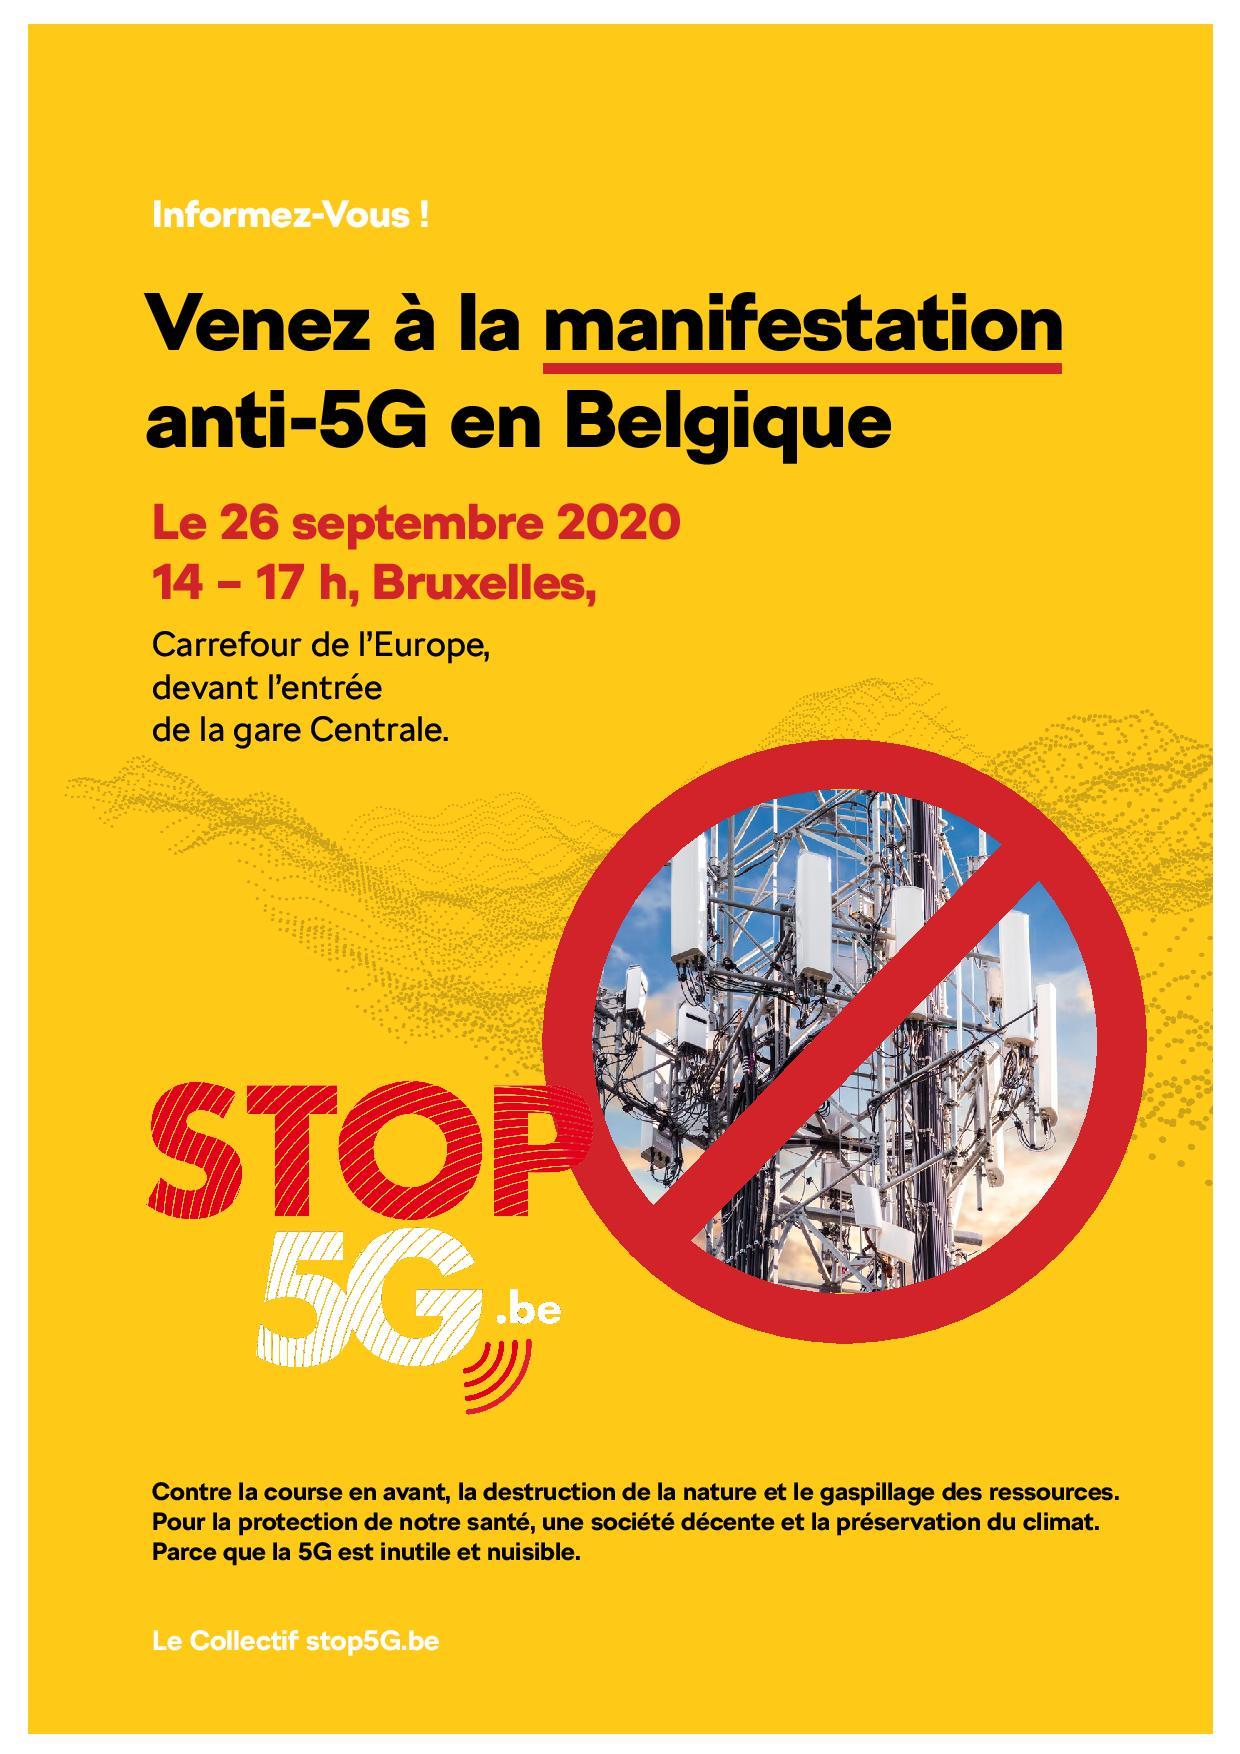 Manifestation anti-5G à Bruxelles le 26 septembre